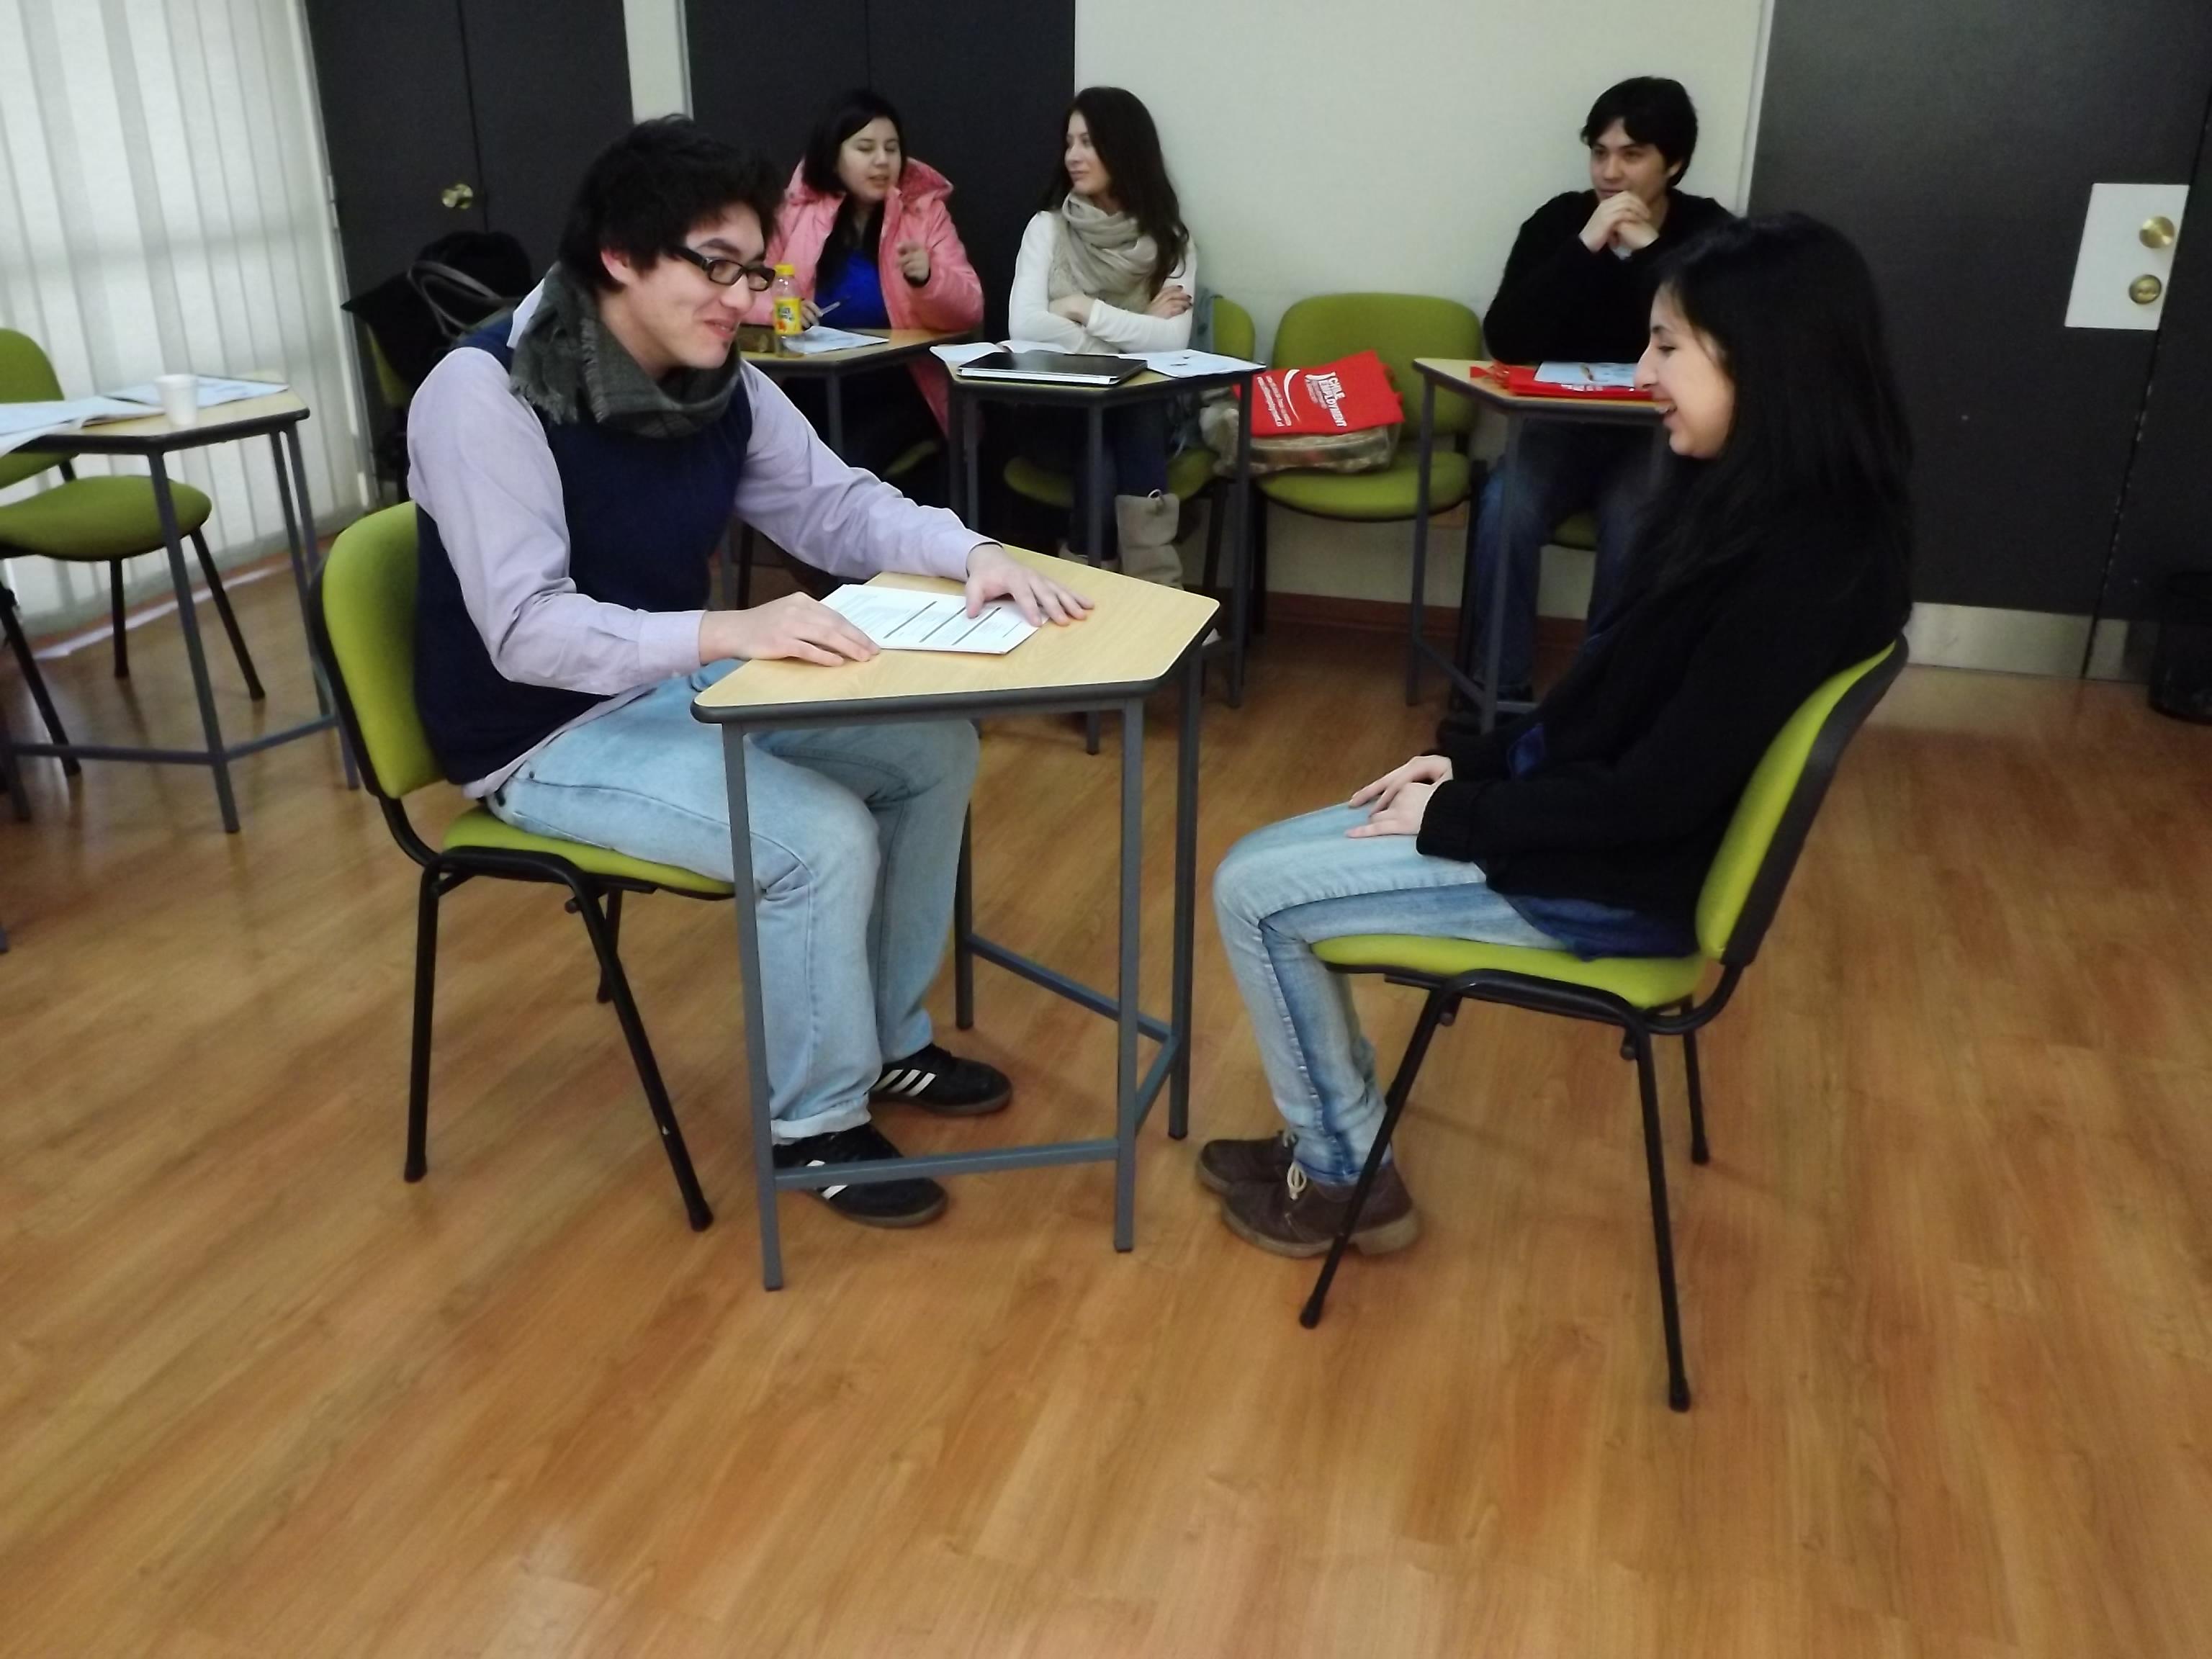 Entrevista x competencias Julio13